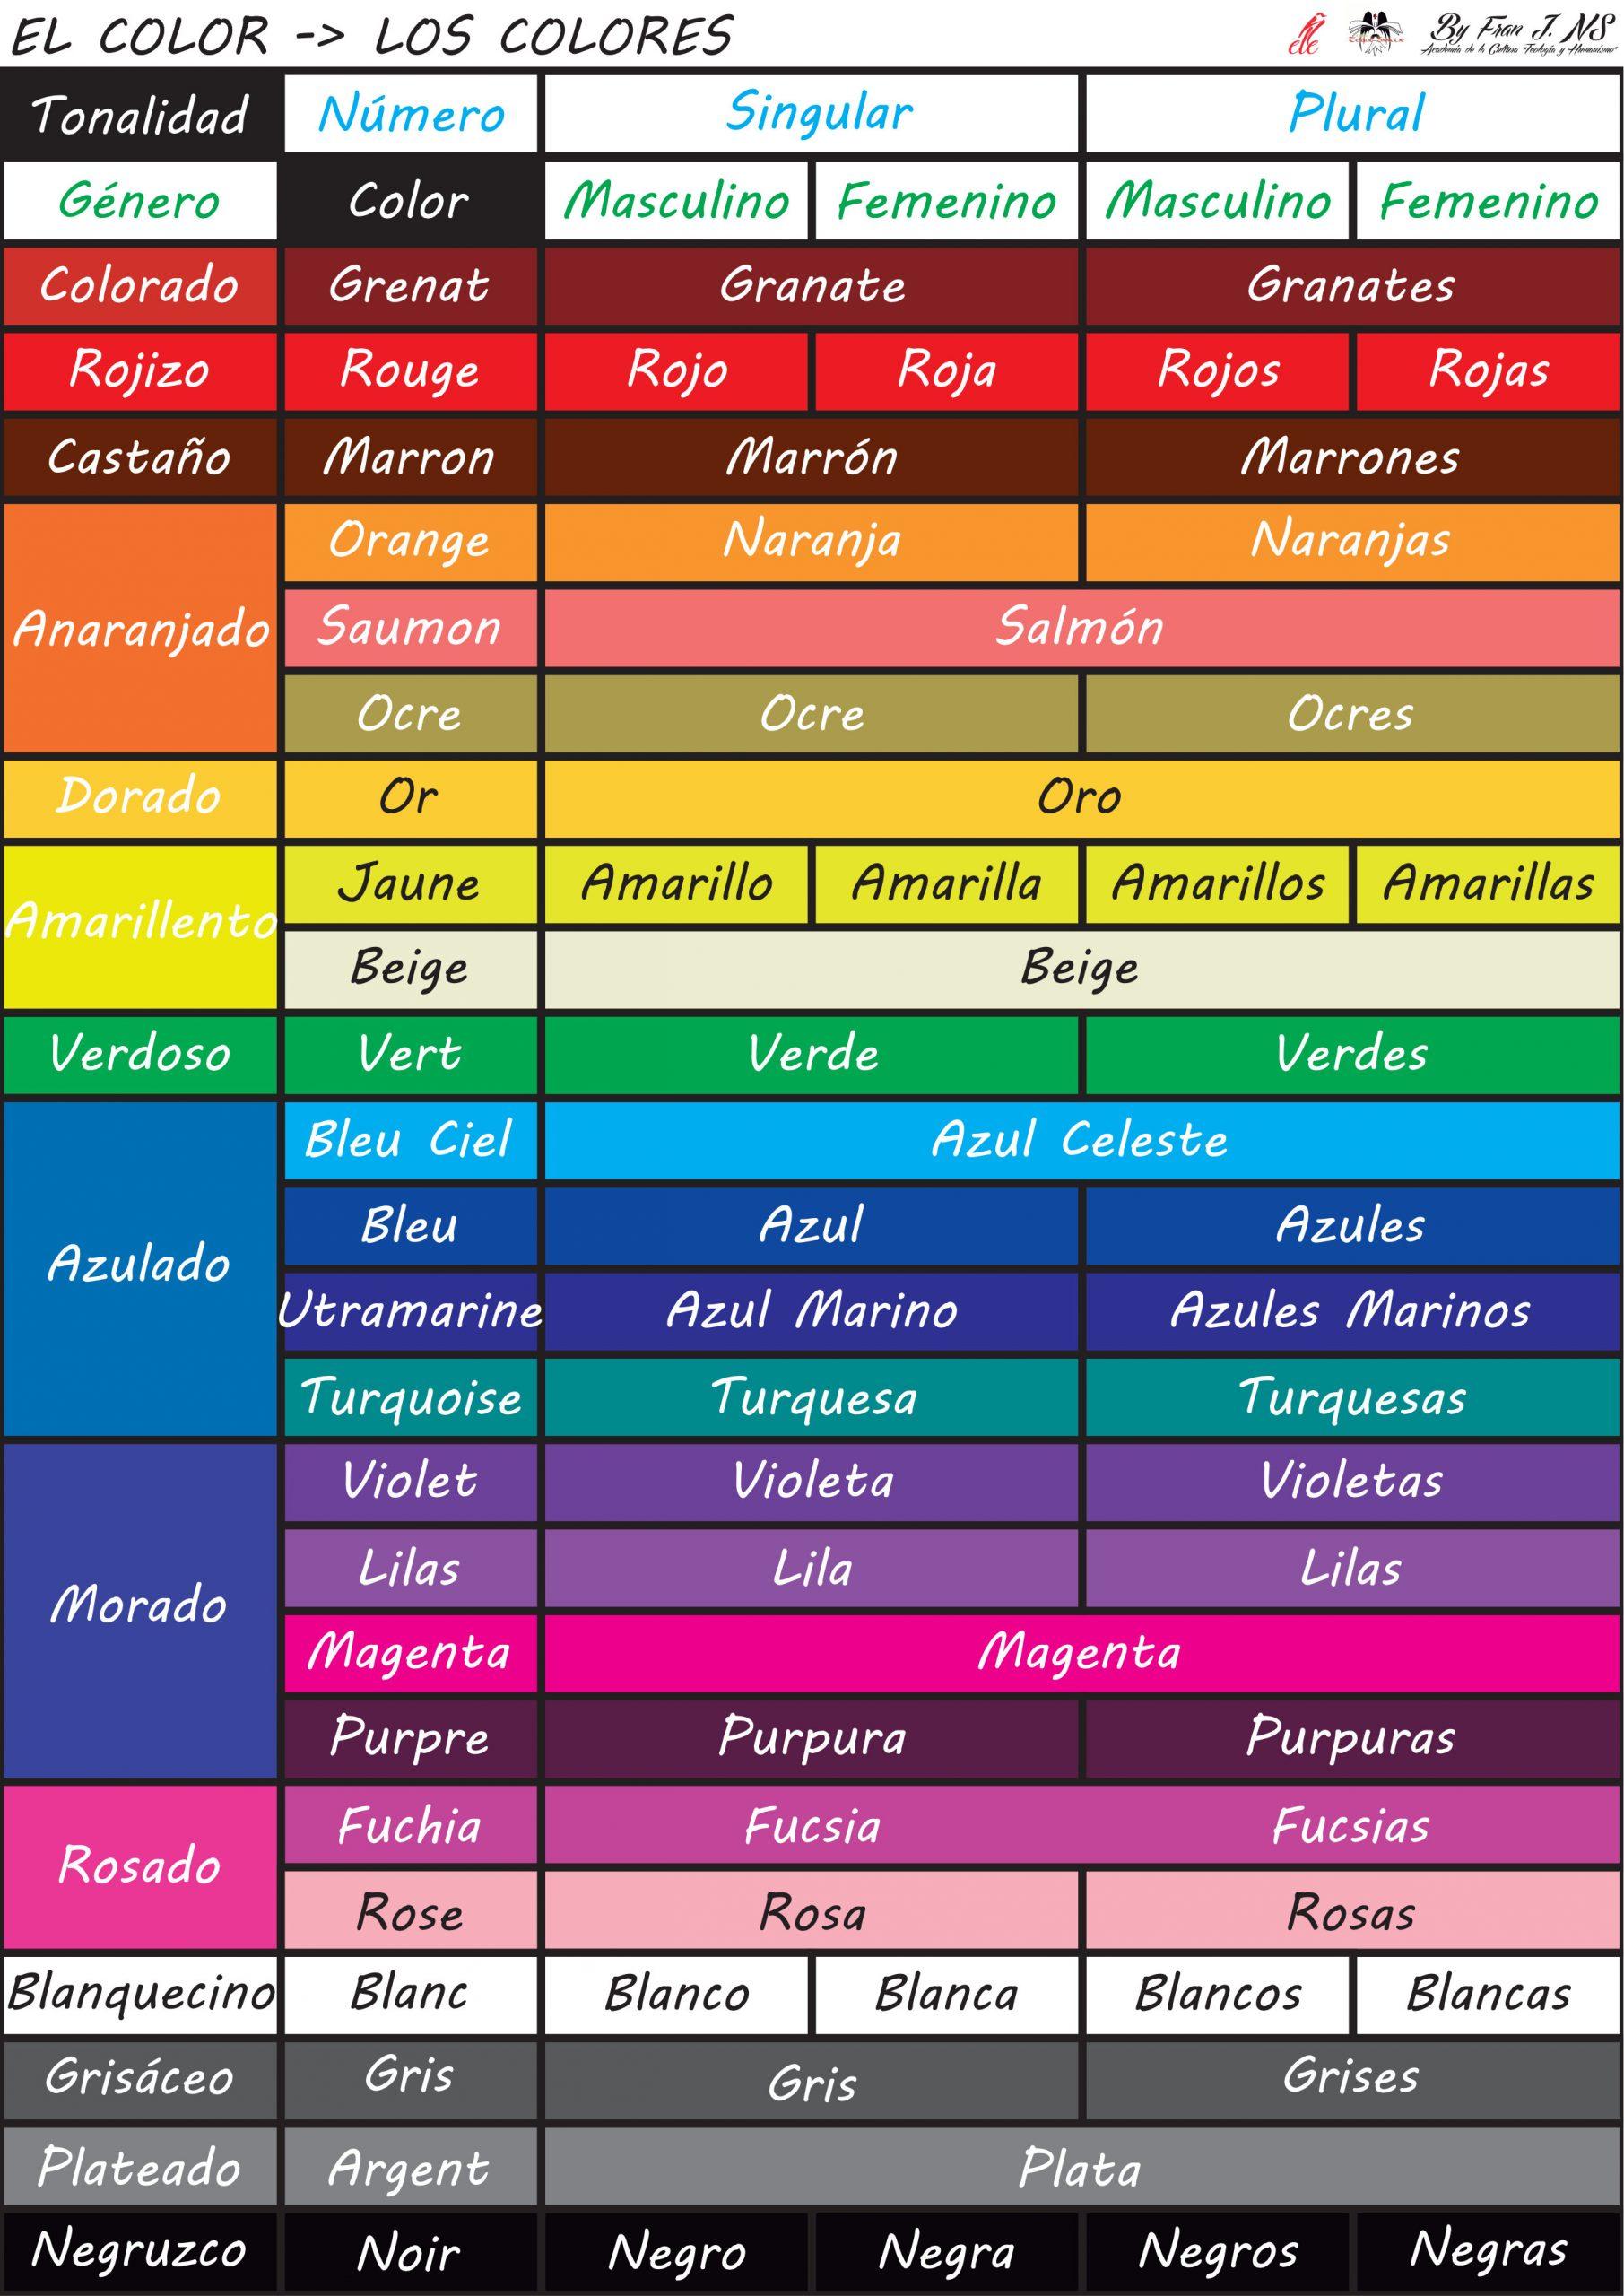 Los colores en clase de español como lengua extranjera, página 1